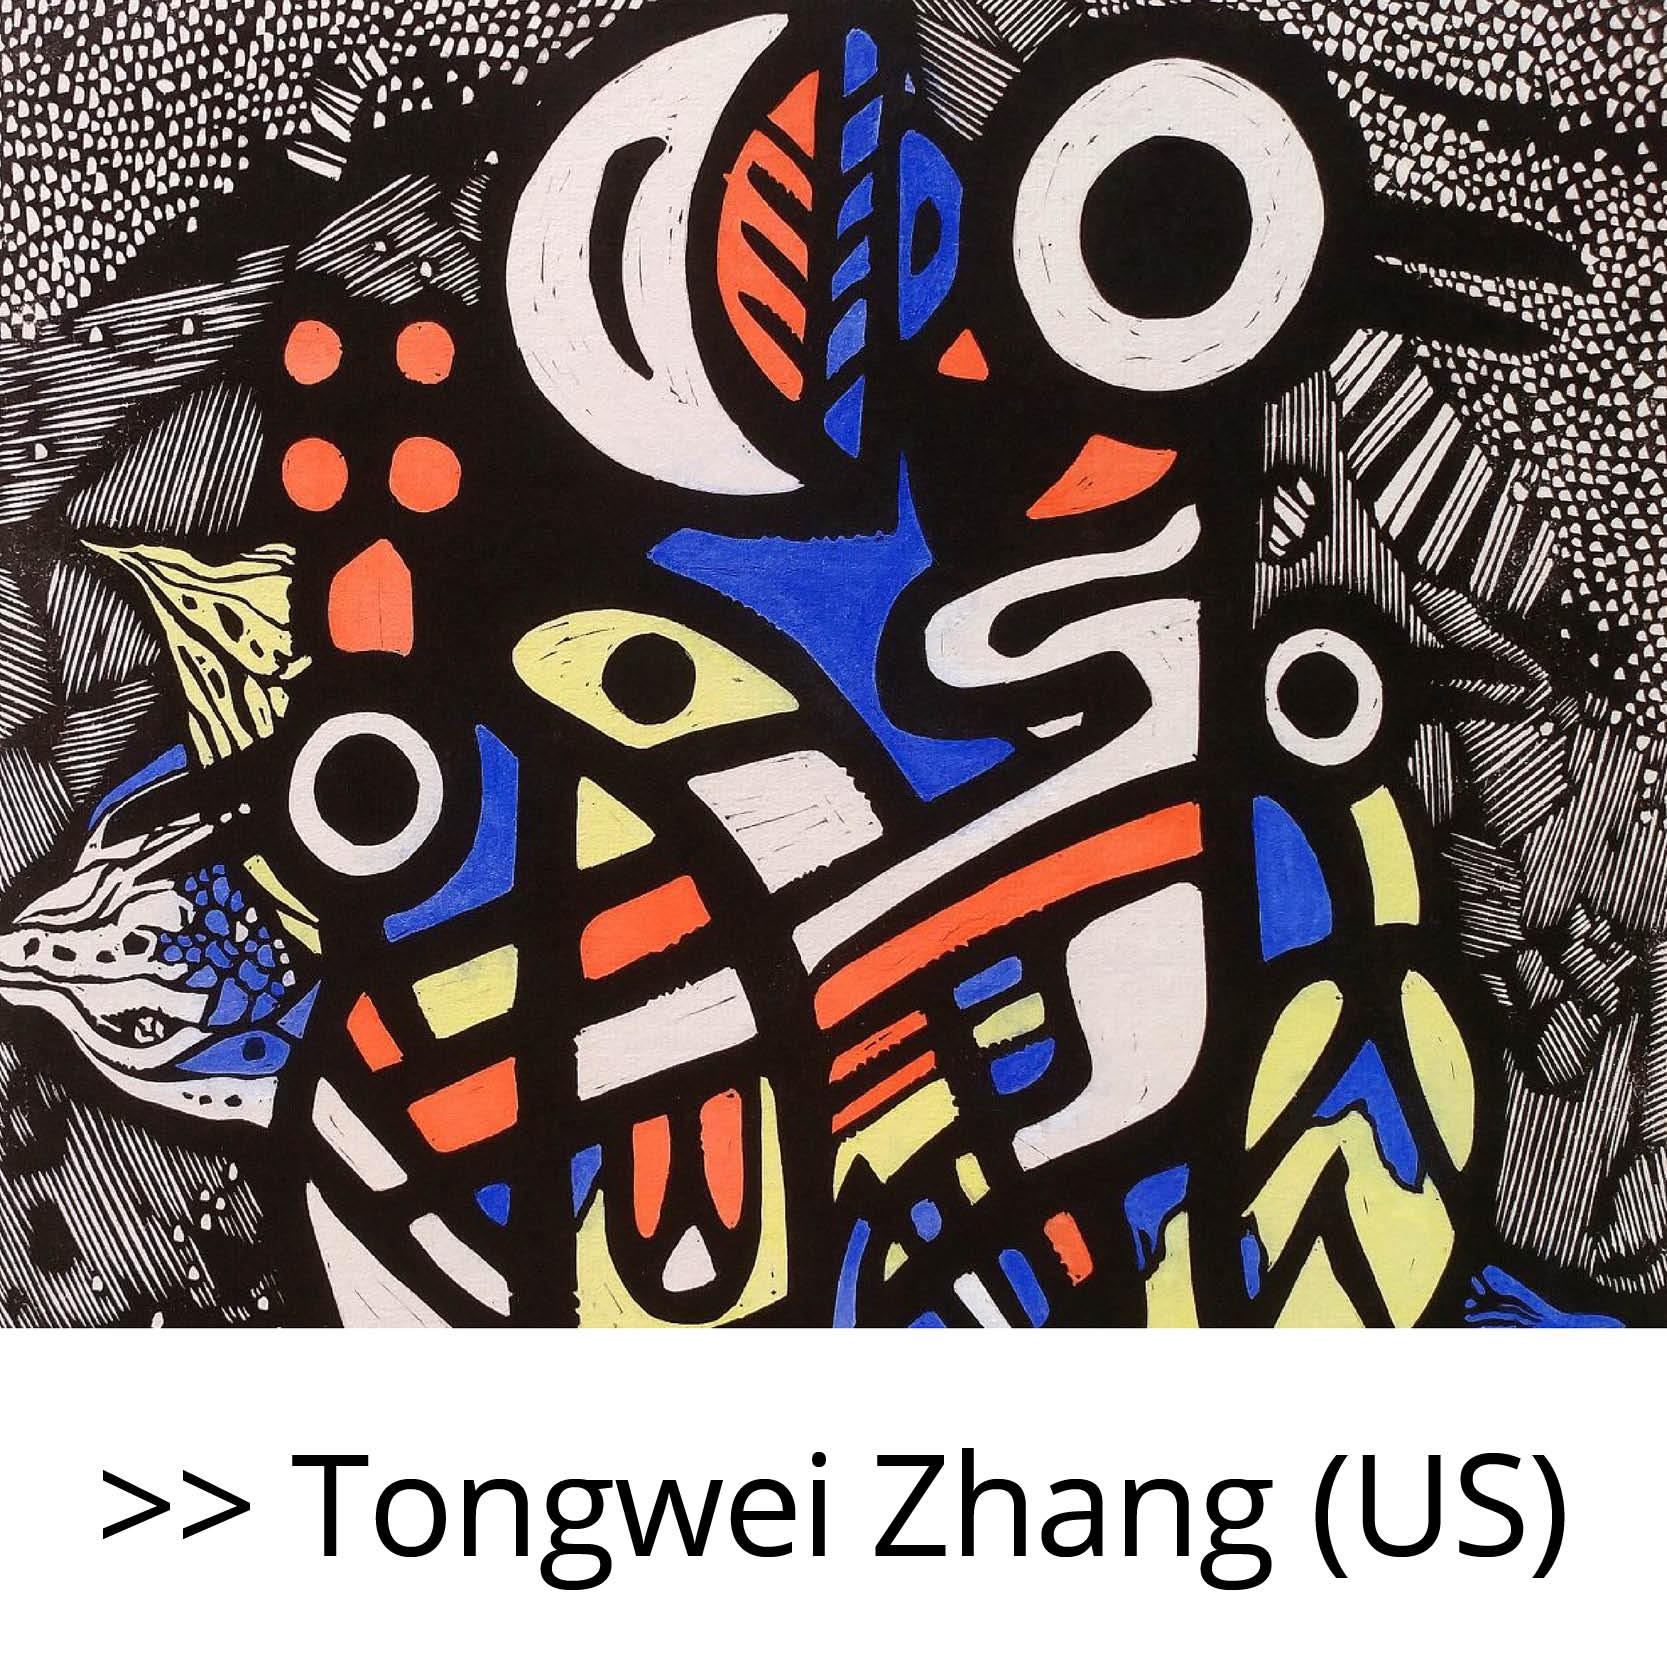 Tongwei_Zhang_(US)